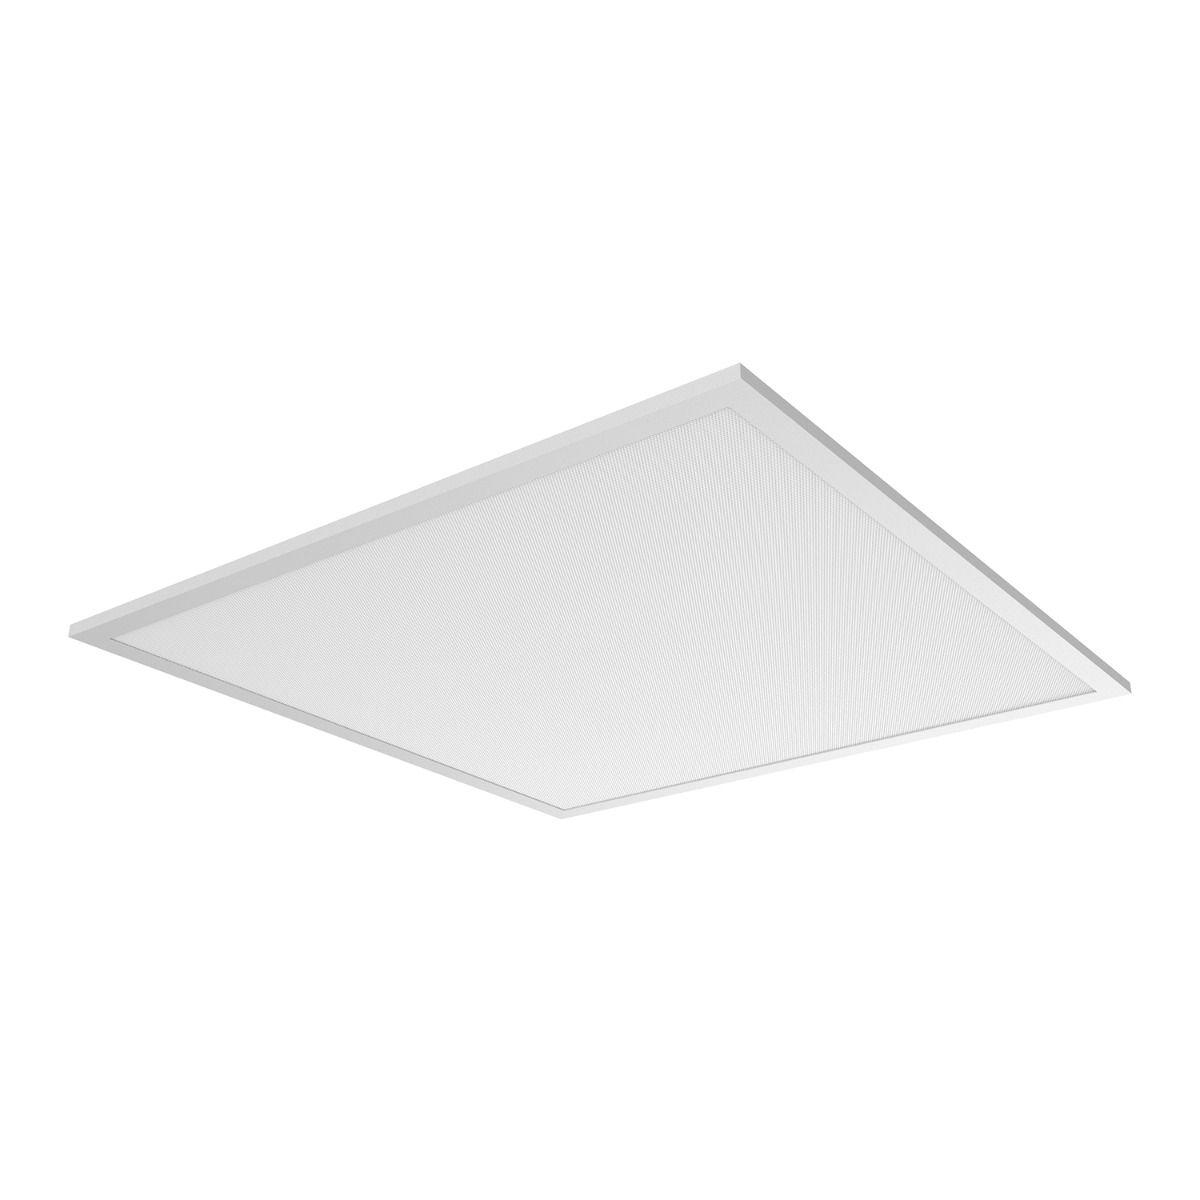 Noxion Panneau LED Delta Pro V3 Highlum DALI 36W 3000K 5225lm 60x60cm UGR <19 | Blanc Chaud - Équivalent 4x18W